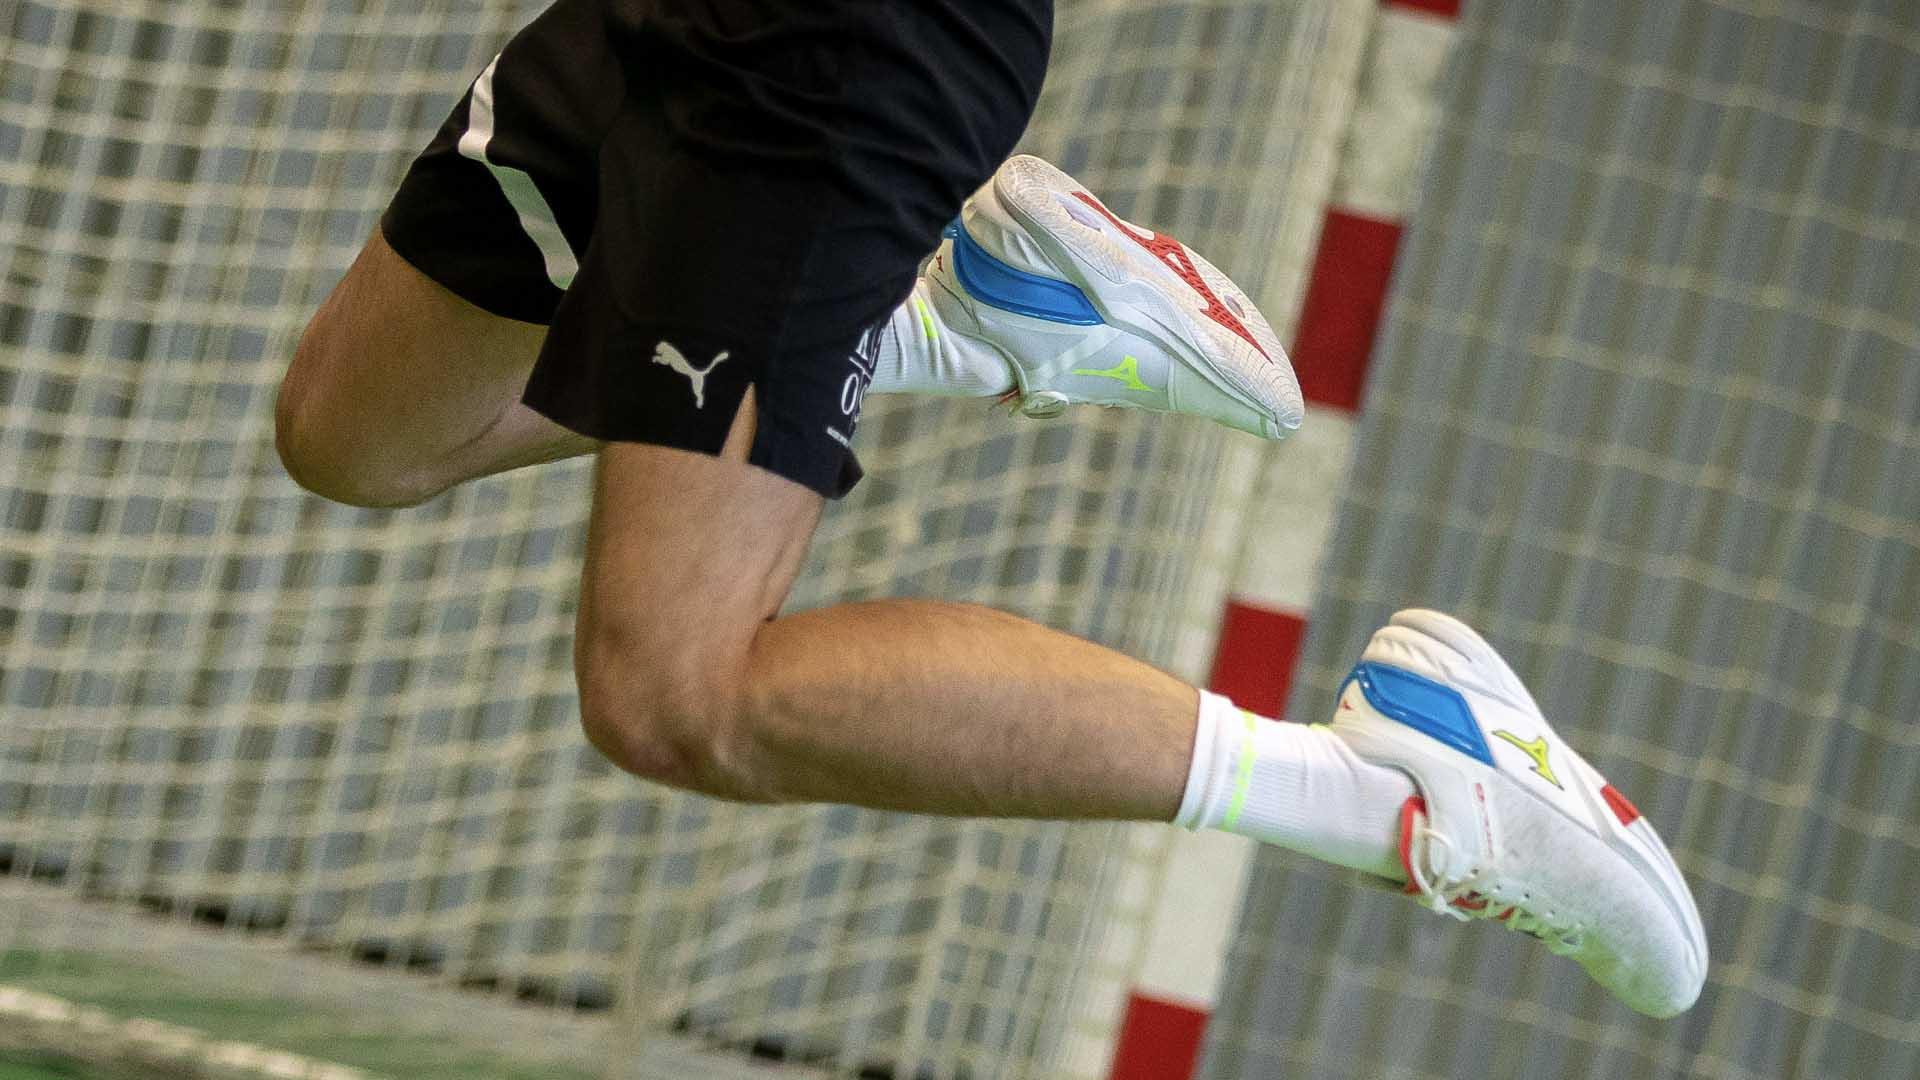 Indlæg til indendørssko, håndboldsko, fodboldstøvler